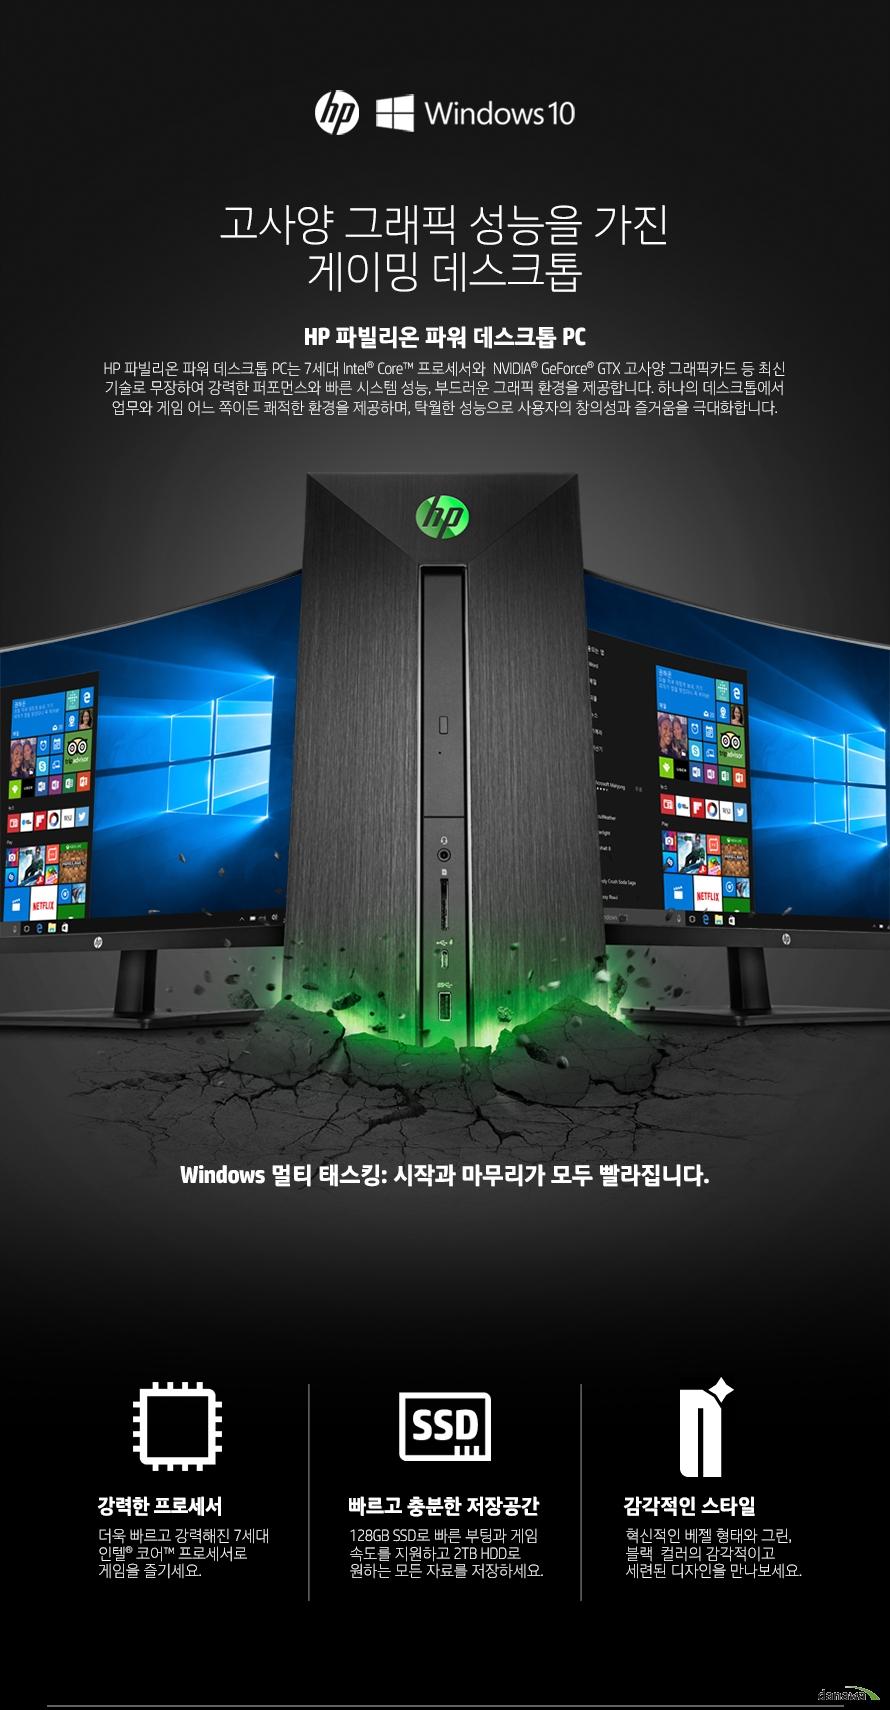 고사양 그래픽 성능을 가진게이밍 데스크톱HP 파빌리온 파워 데스크톱 PCHP 파빌리온 파워 데스크톱 PC는 7세대 Intel Core 프로세서와  NVIDIA GeForce GTX 고사양 그래픽카드 등 최신 기술로 무장하여 강력한 퍼포먼스와 빠른 시스템 성능, 부드러운 그래픽 환경을 제공합니다. 하나의 데스크톱에서 업무와 게임 어느 쪽이든 쾌적한 환경을 제공하며, 탁월한 성능으로 사용자의 창의성과 즐거움을 극대화합니다.Windows 멀티 태스킹: 시작과 마무리가 모두 빨라집니다.강력한 프로세서더욱 빠르고 강력해진 7세대 인텔 코어 프로세서로 게임을 즐기세요.빠르고 충분한 저장공간128GB SSD로 빠른 부팅과 게임 속도를 지원하고 2TB HDD로 원하는 모든 자료를 저장하세요.감각적인 스타일혁신적인 베젤 형태와 그린, 블랙  컬러의 감각적이고 세련된 디자인을 만나보세요.